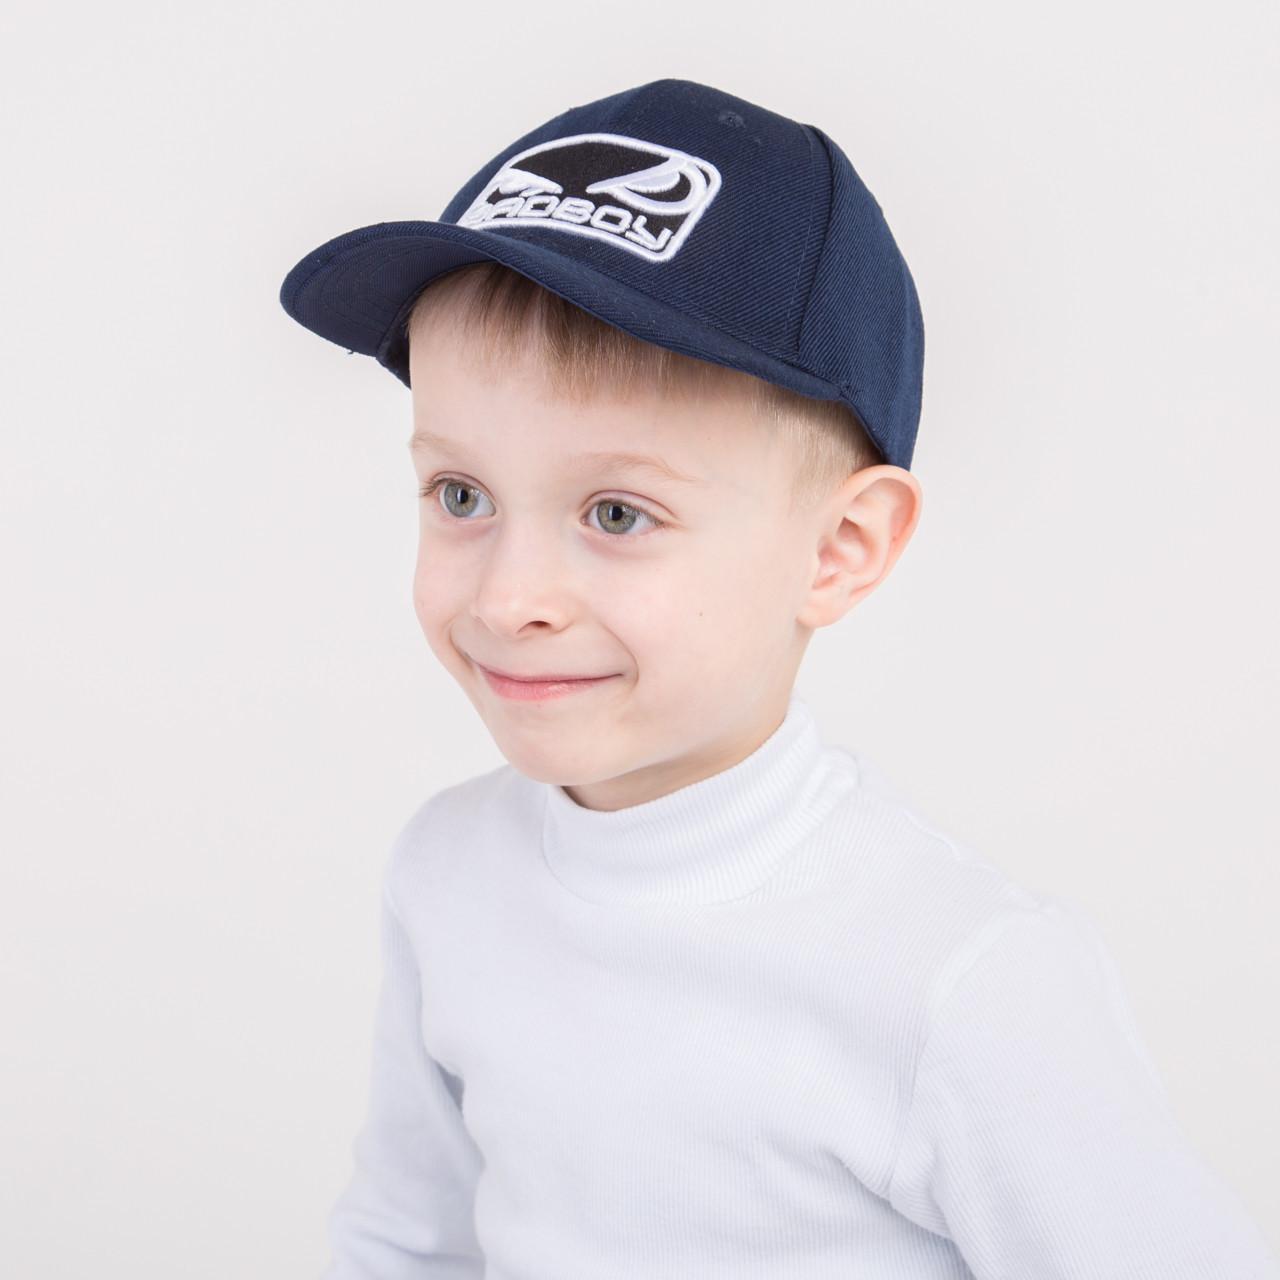 Модная кепка на весну-лето для мальчика - BadBoy - 82017-35а